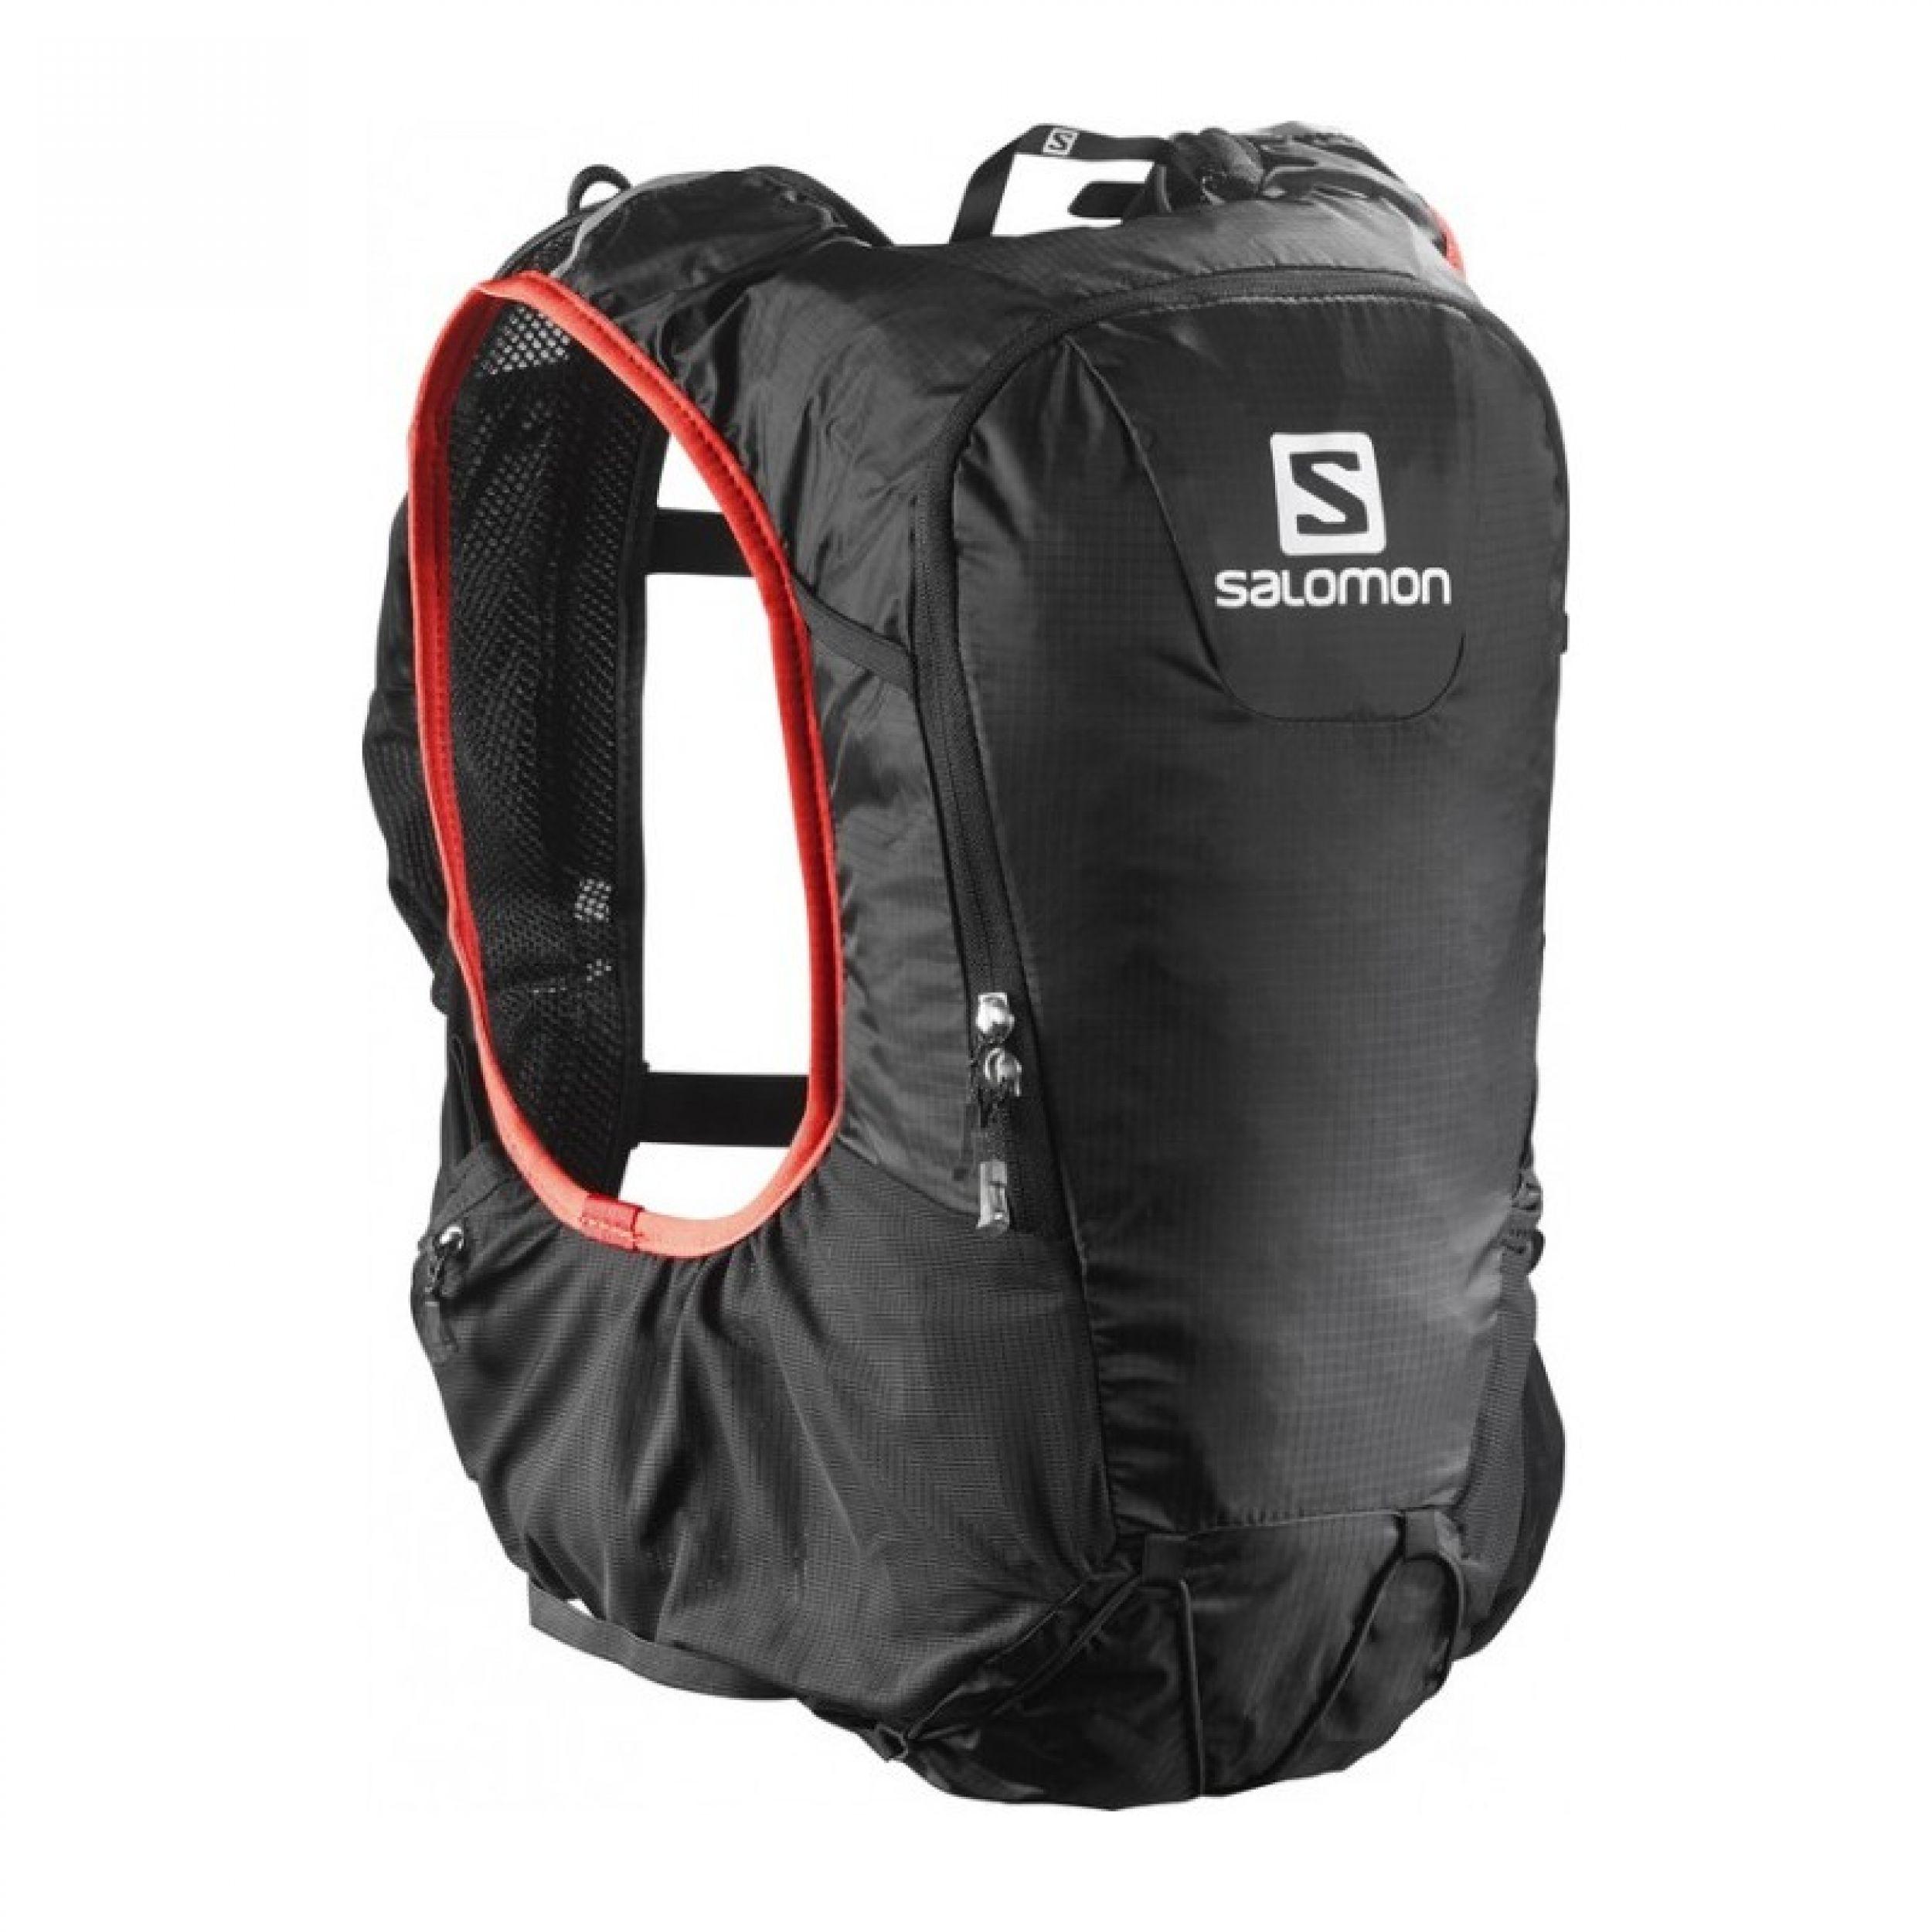 salomon-backpack-skin-pro-10-set.jpg